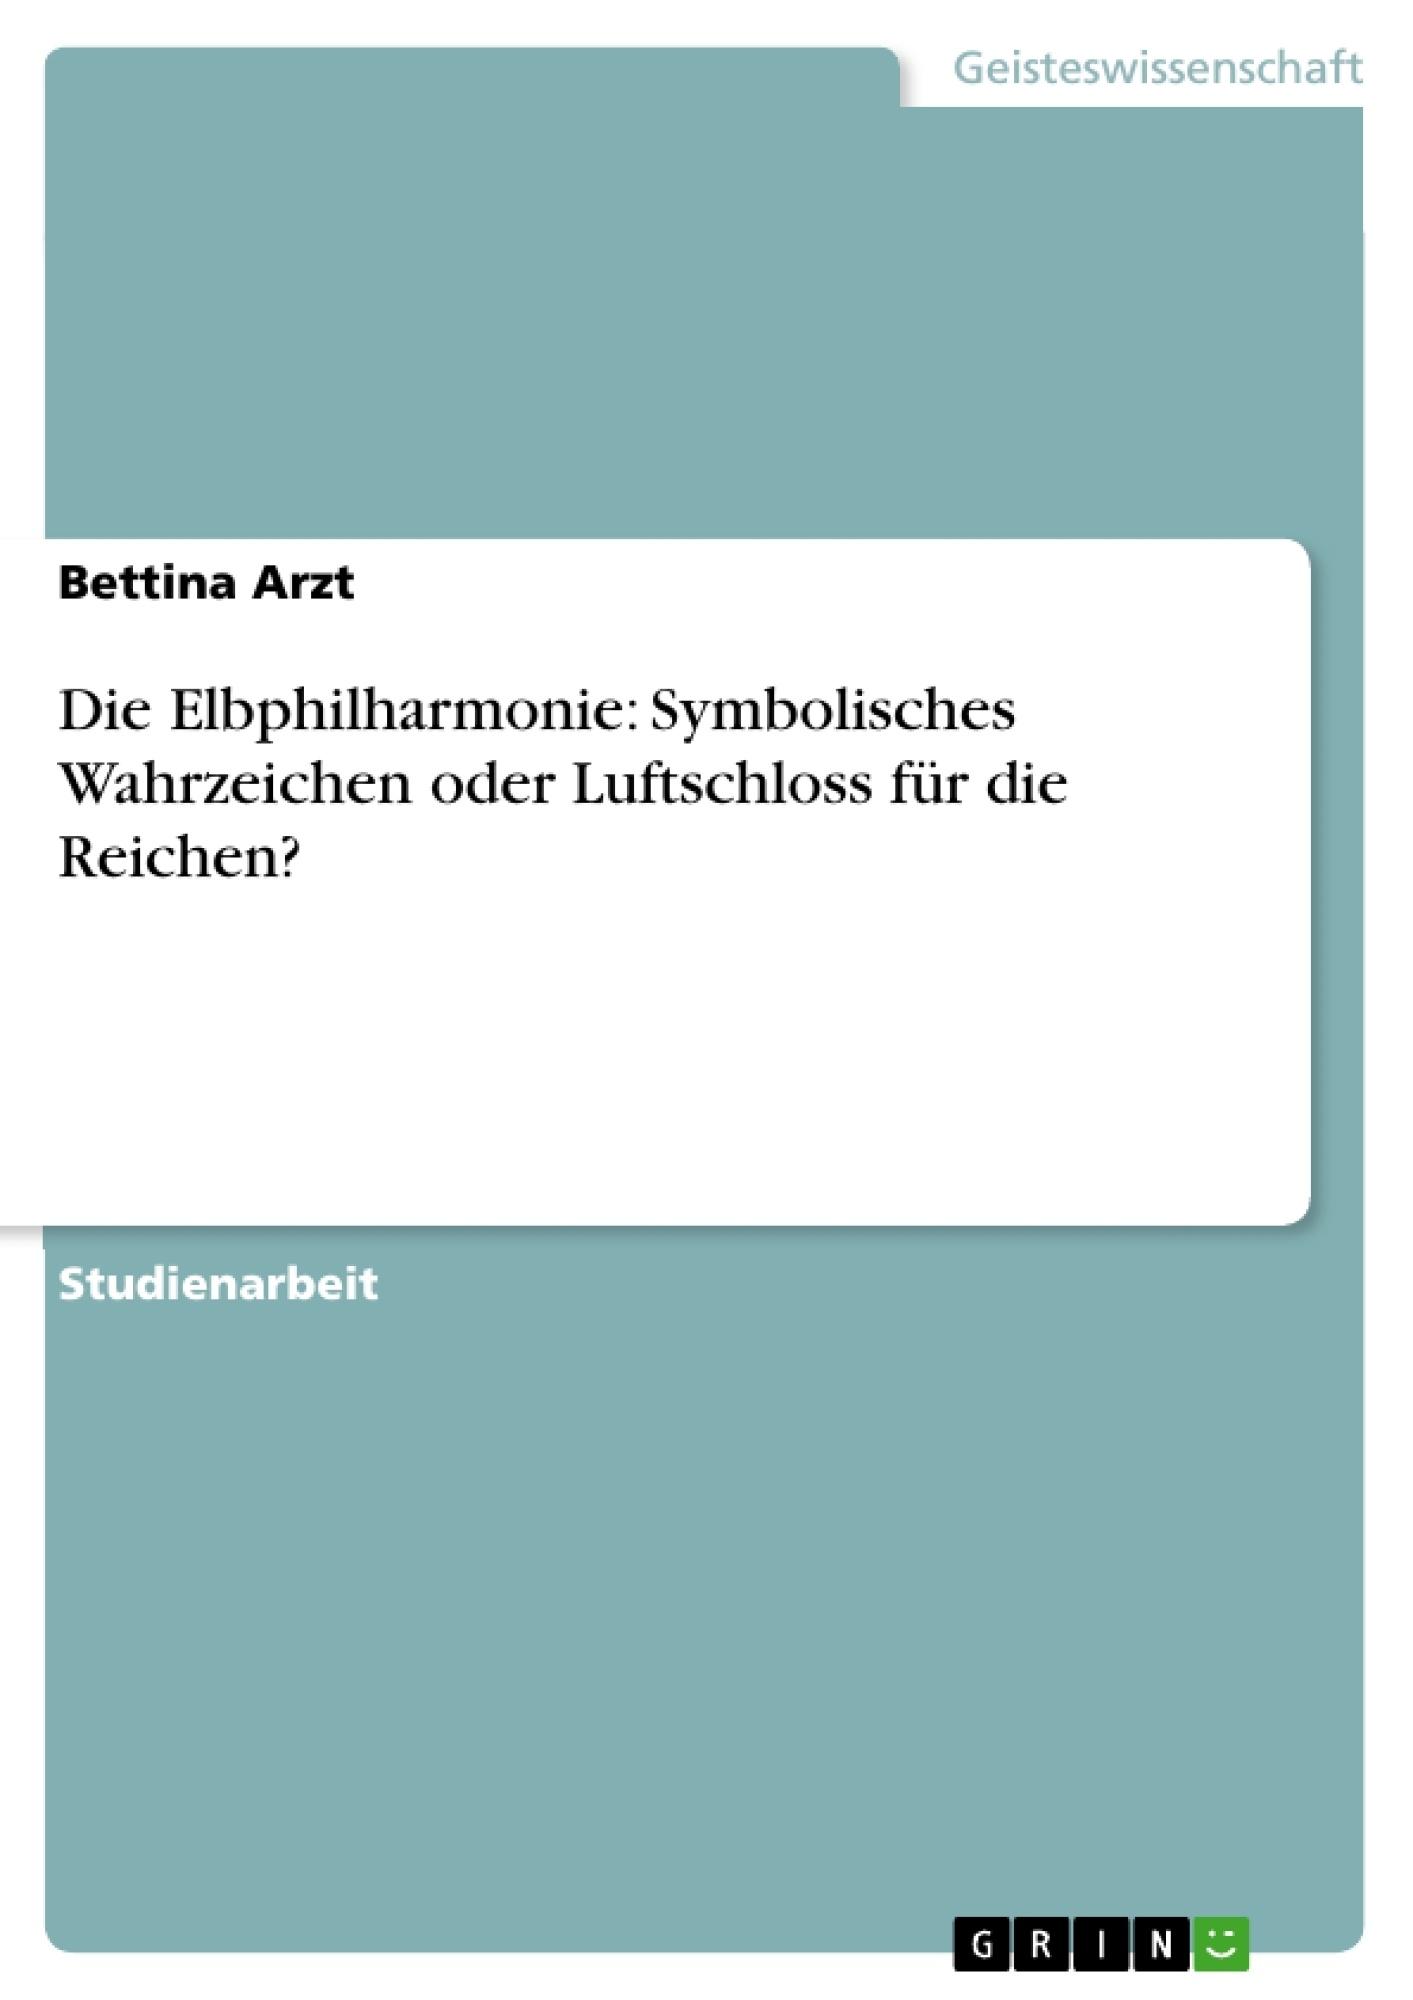 Titel: Die Elbphilharmonie: Symbolisches Wahrzeichen oder Luftschloss für die Reichen?